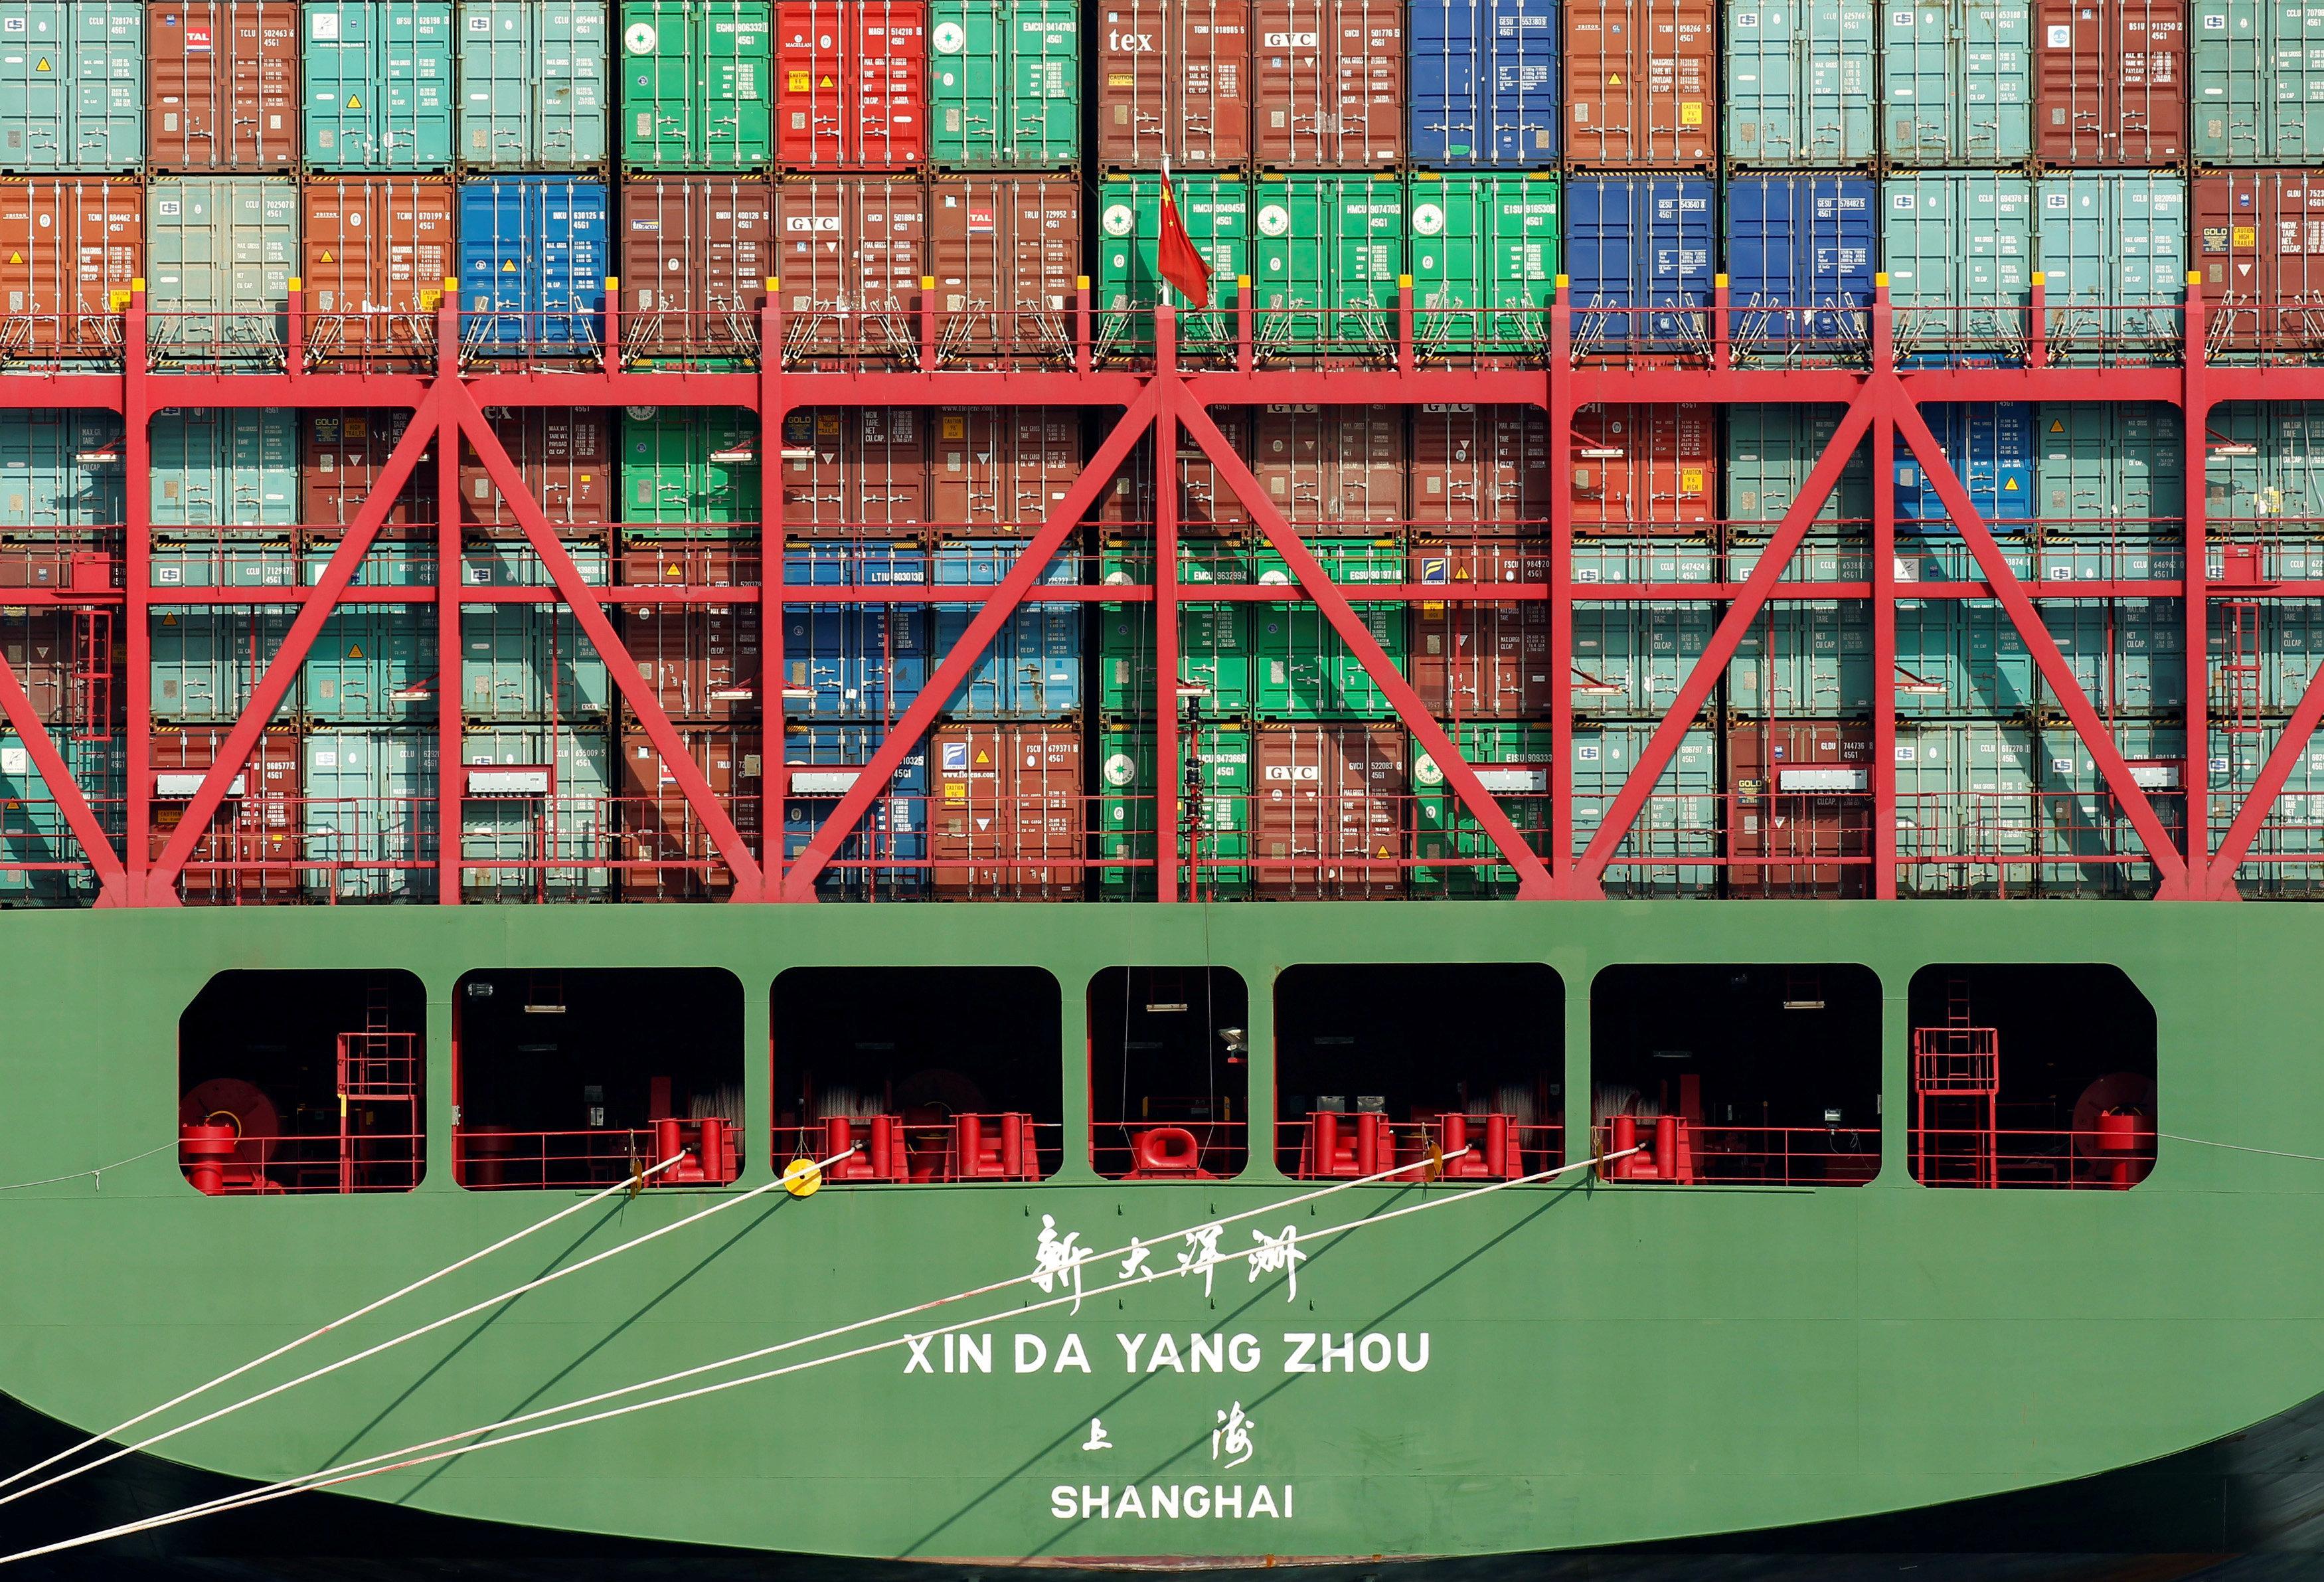 Mỹ lùi ngày áp thuế về 15/12 với một số hàng hóa Trung Quốc